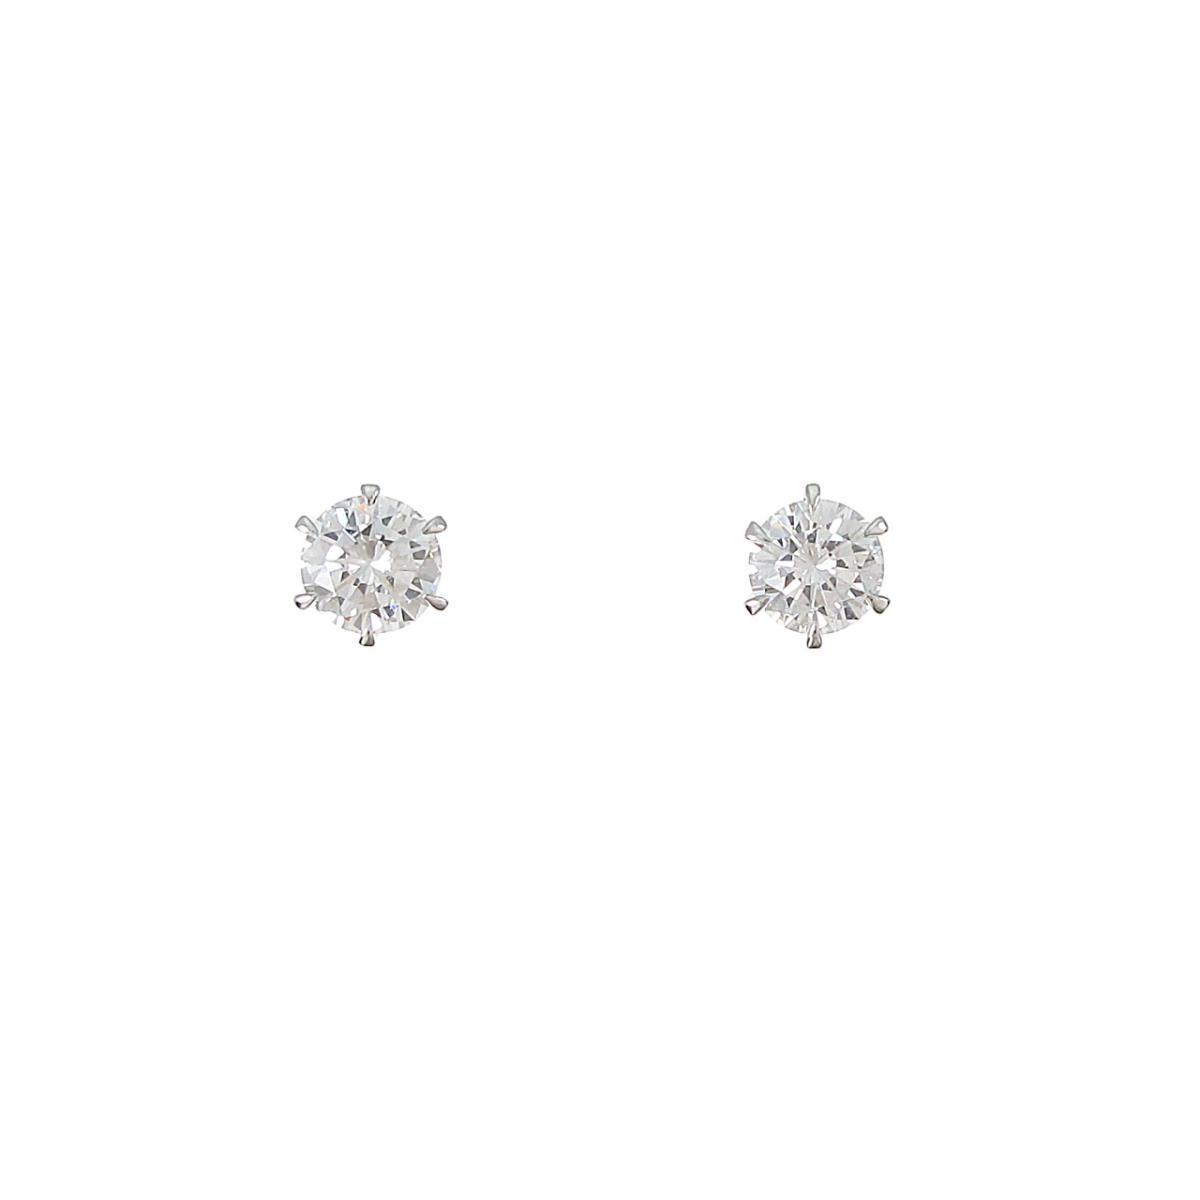 【リメイク】プラチナ/ST ダイヤモンドピアス 0.327ct・0.347ct・E・VS1-2・VG【中古】